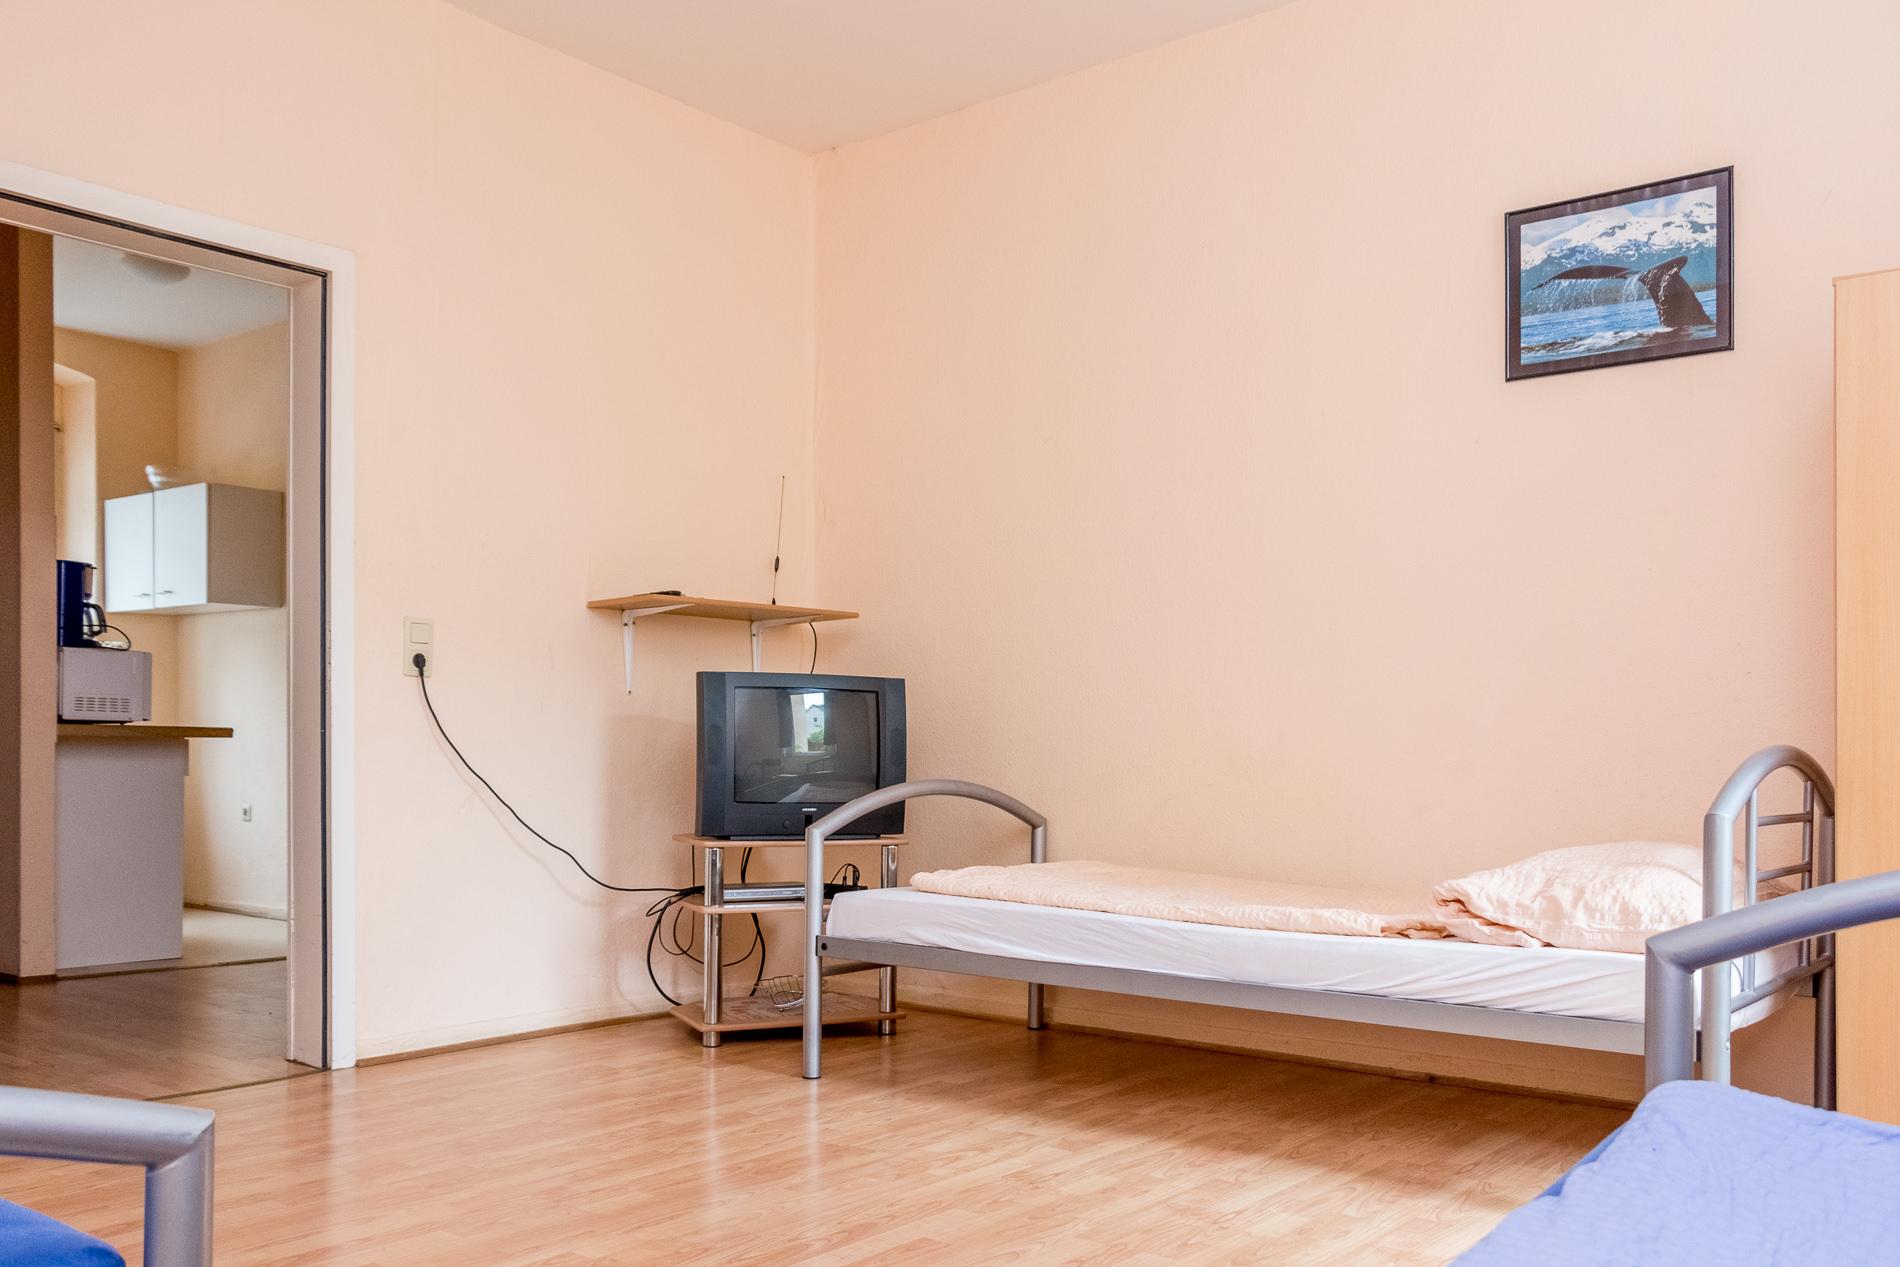 Zimmer der Pensionen in Dortmund